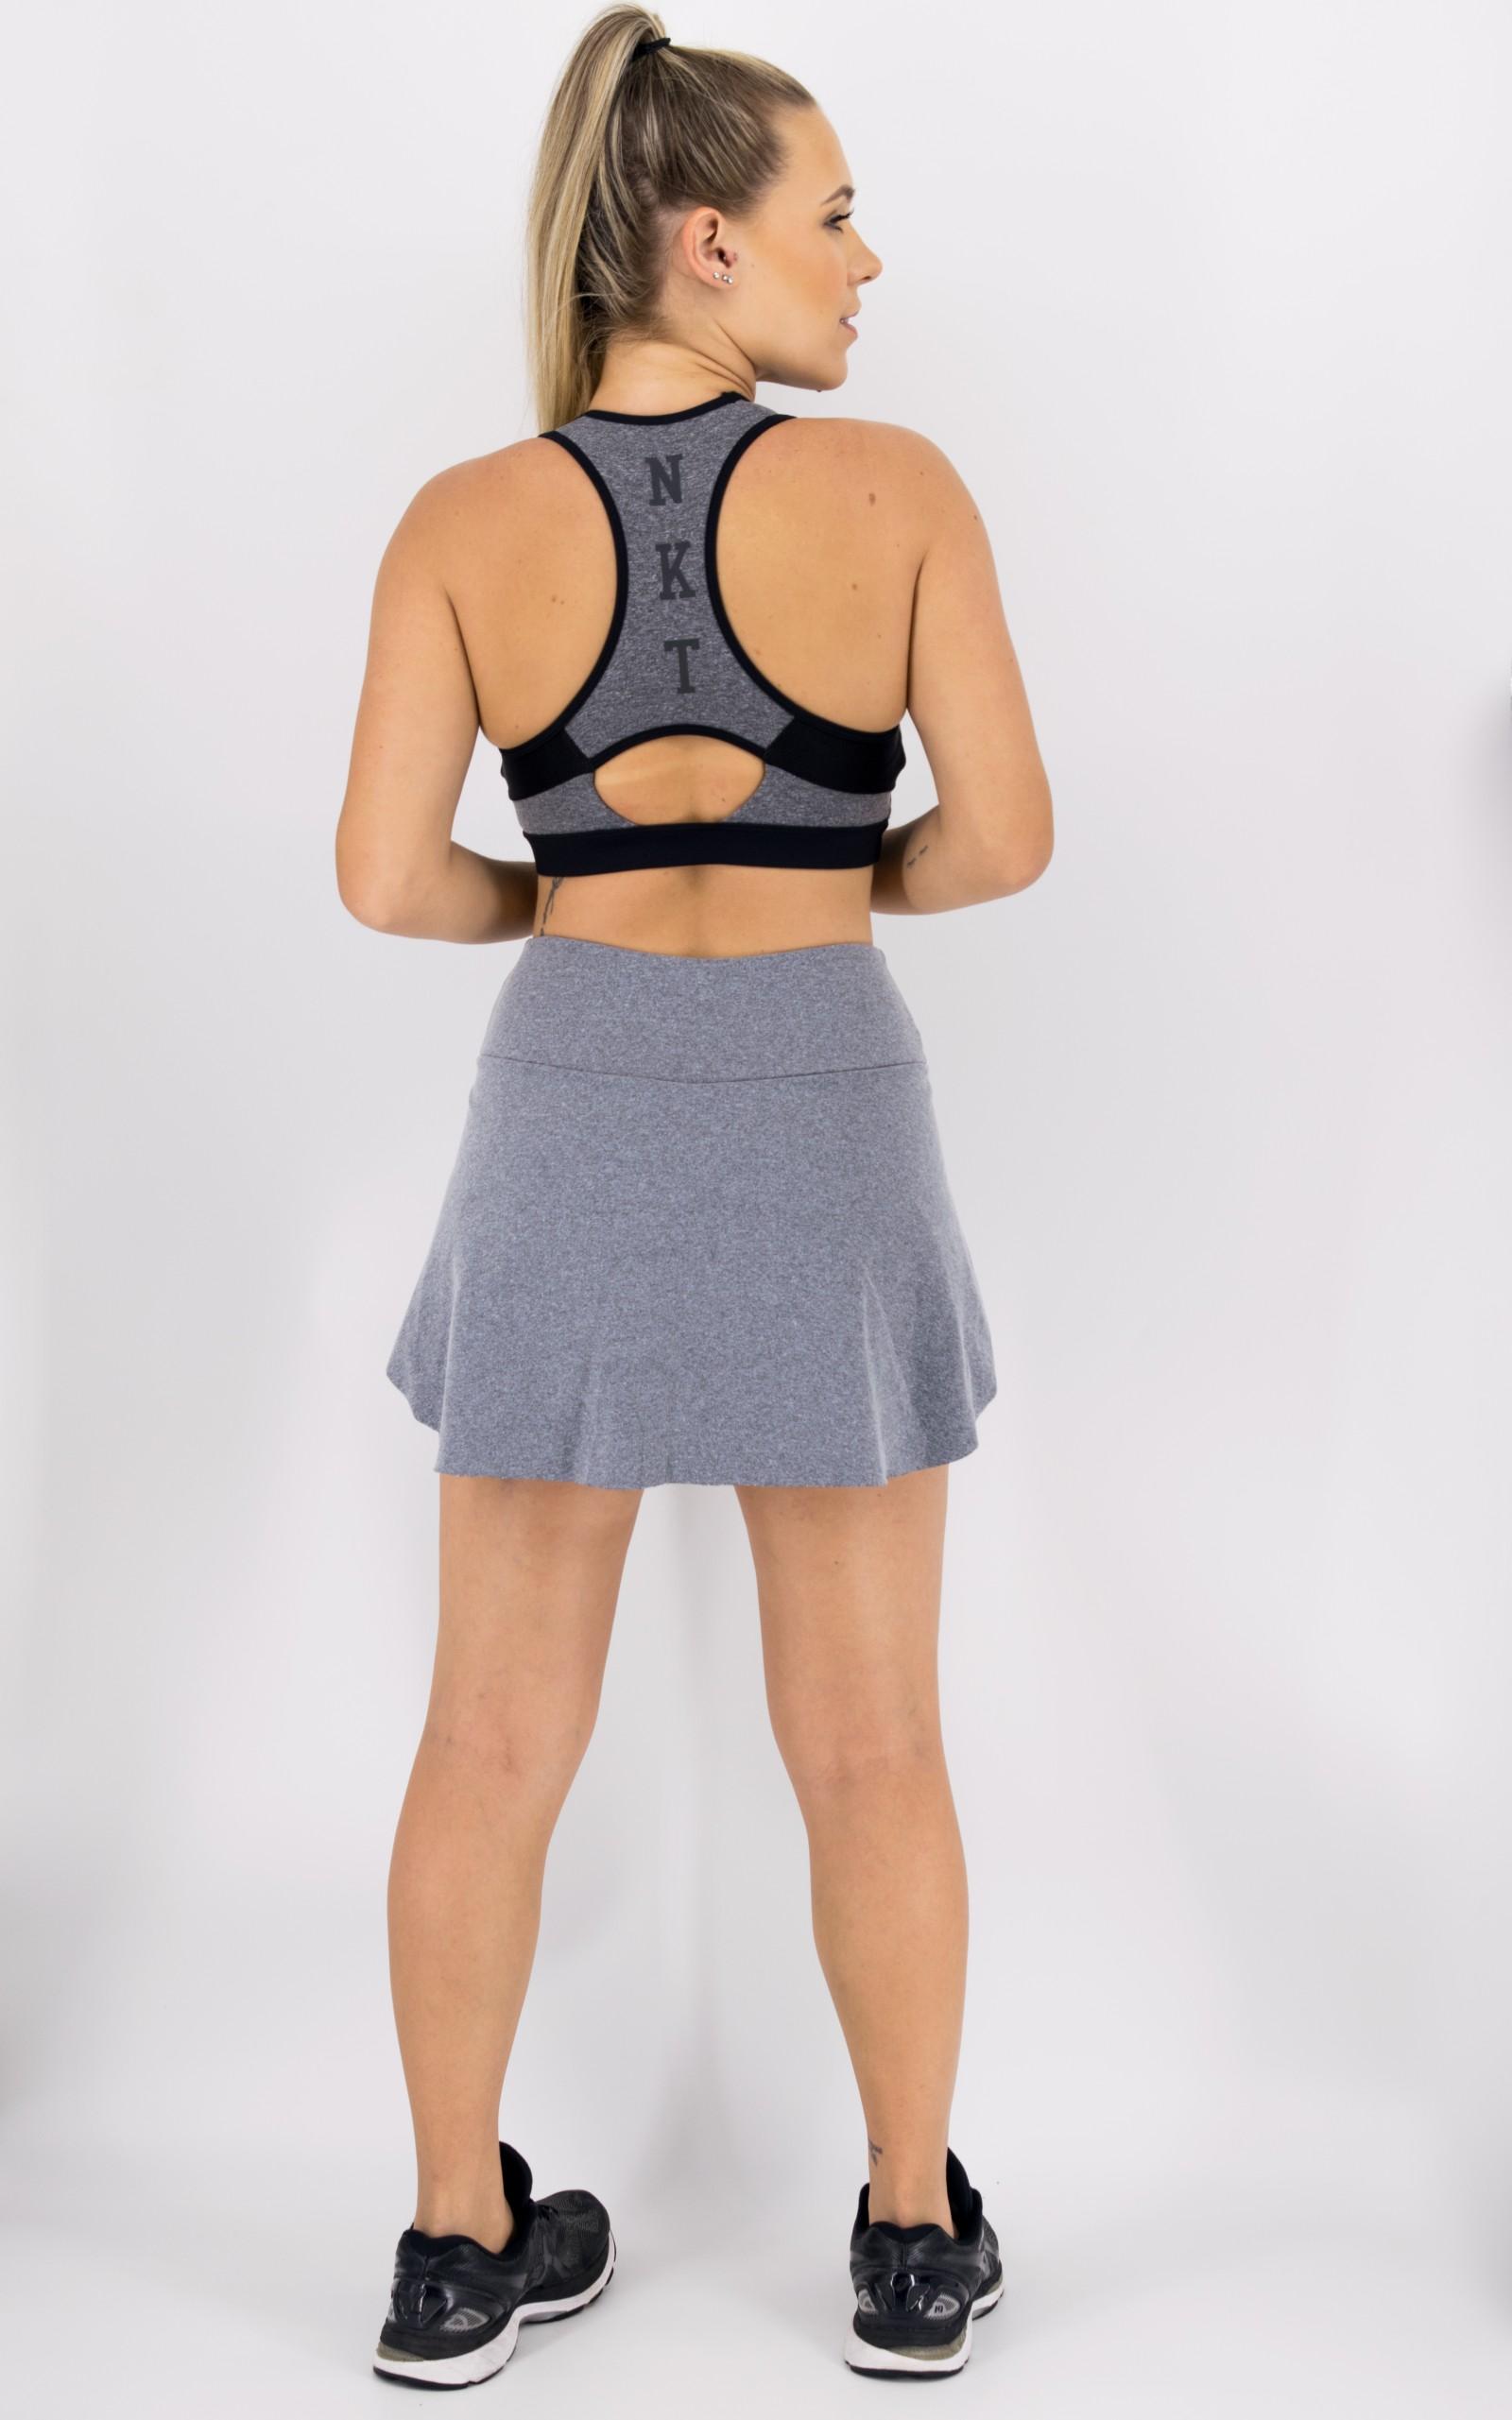 Top logo NKT Mescla, Coleção Move Your Body - NKT Fitwear Moda Fitness